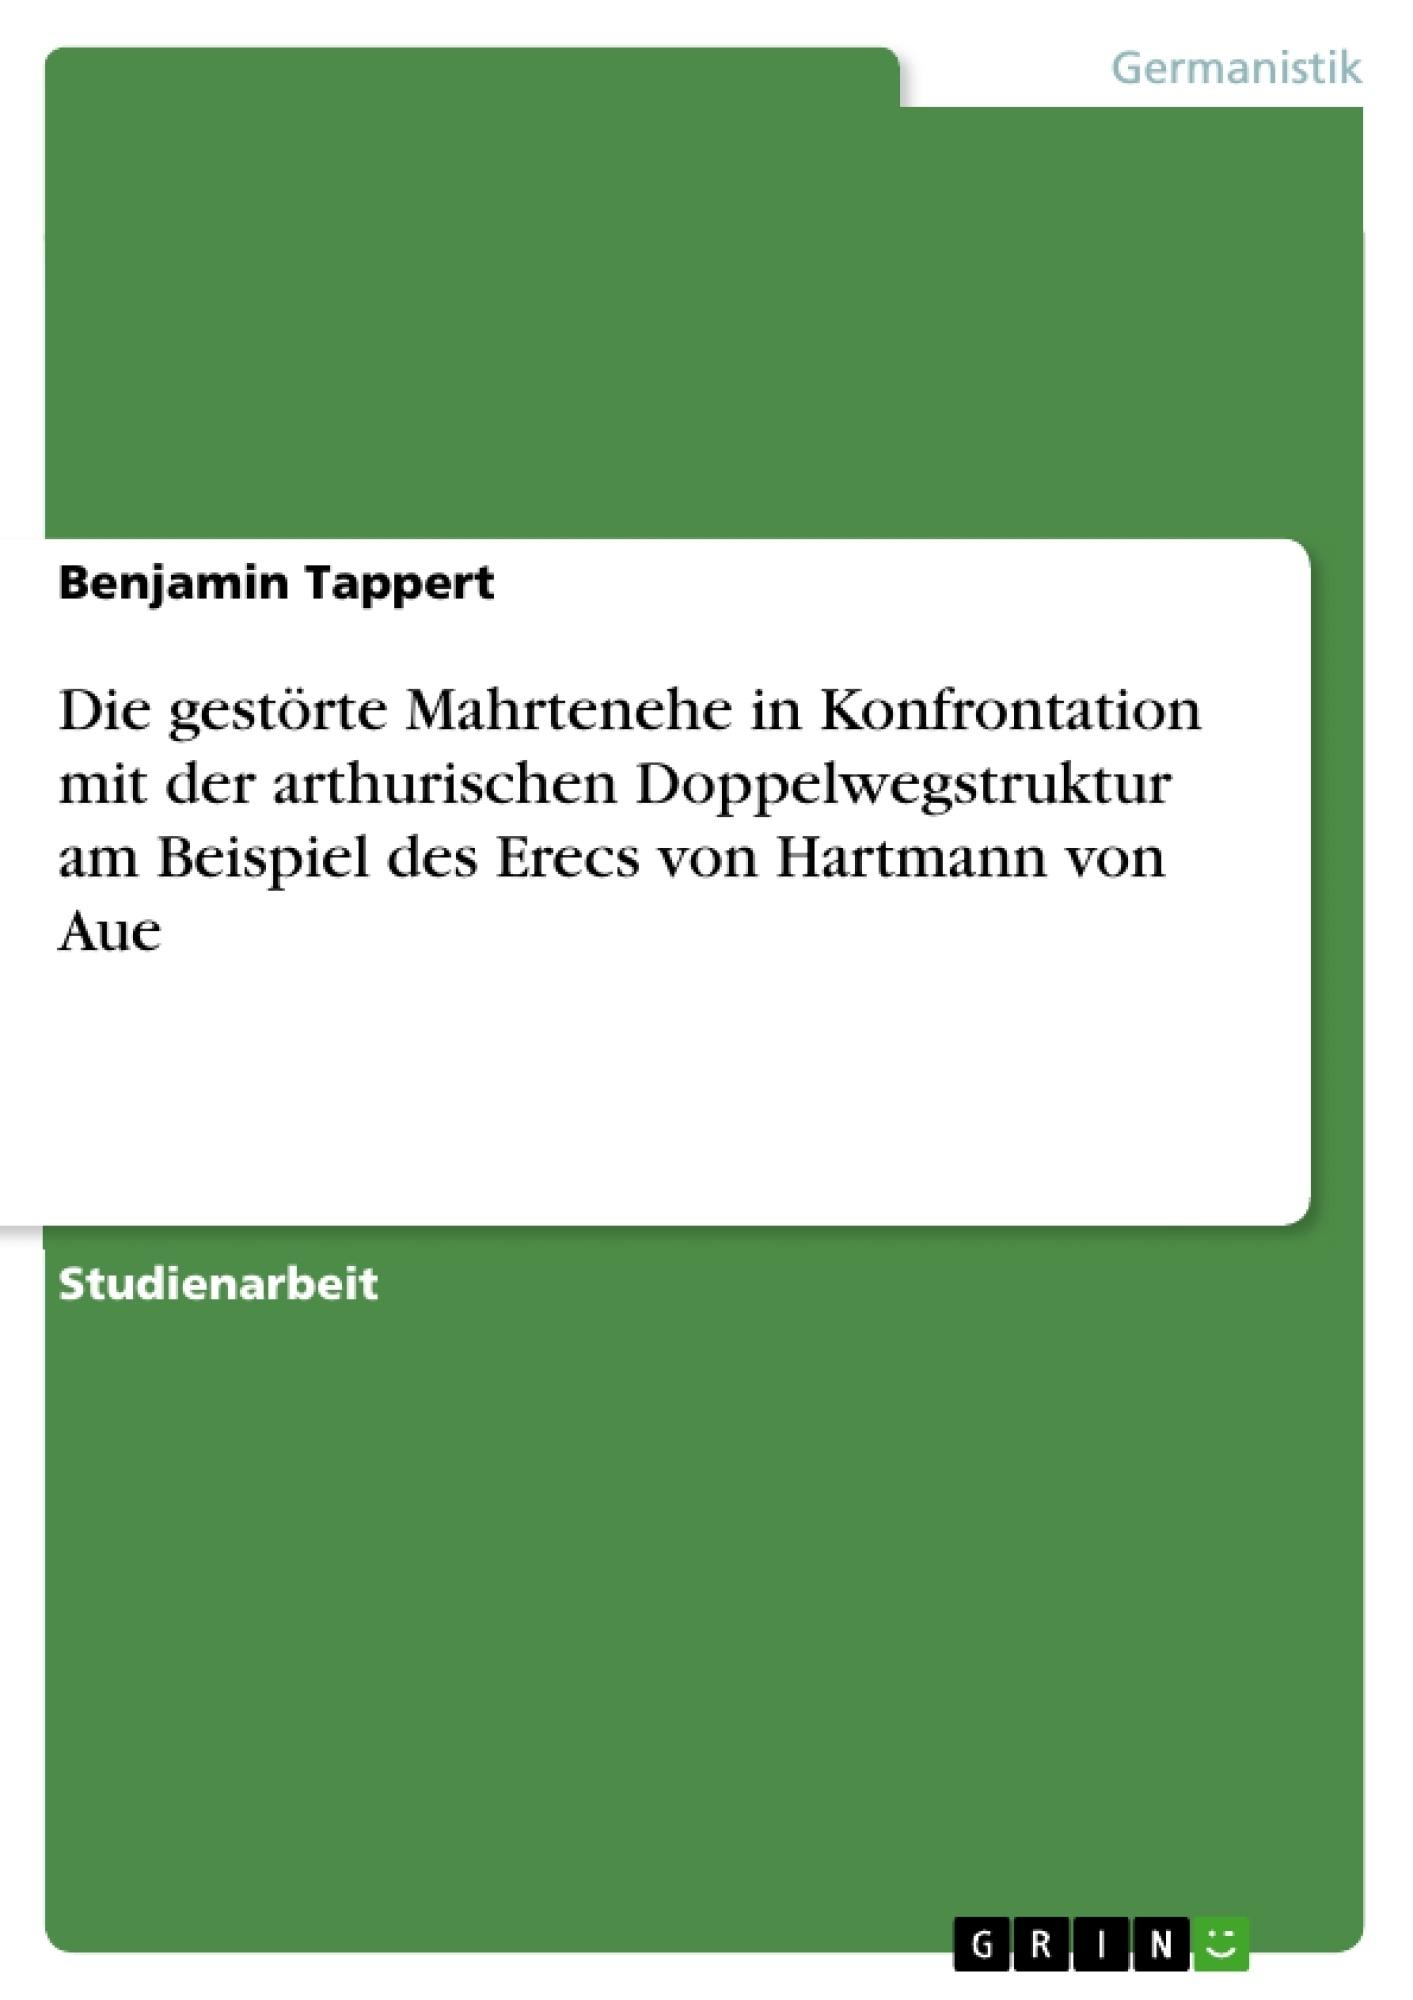 Titel: Die gestörte Mahrtenehe in Konfrontation mit der arthurischen Doppelwegstruktur am Beispiel des Erecs von Hartmann von Aue